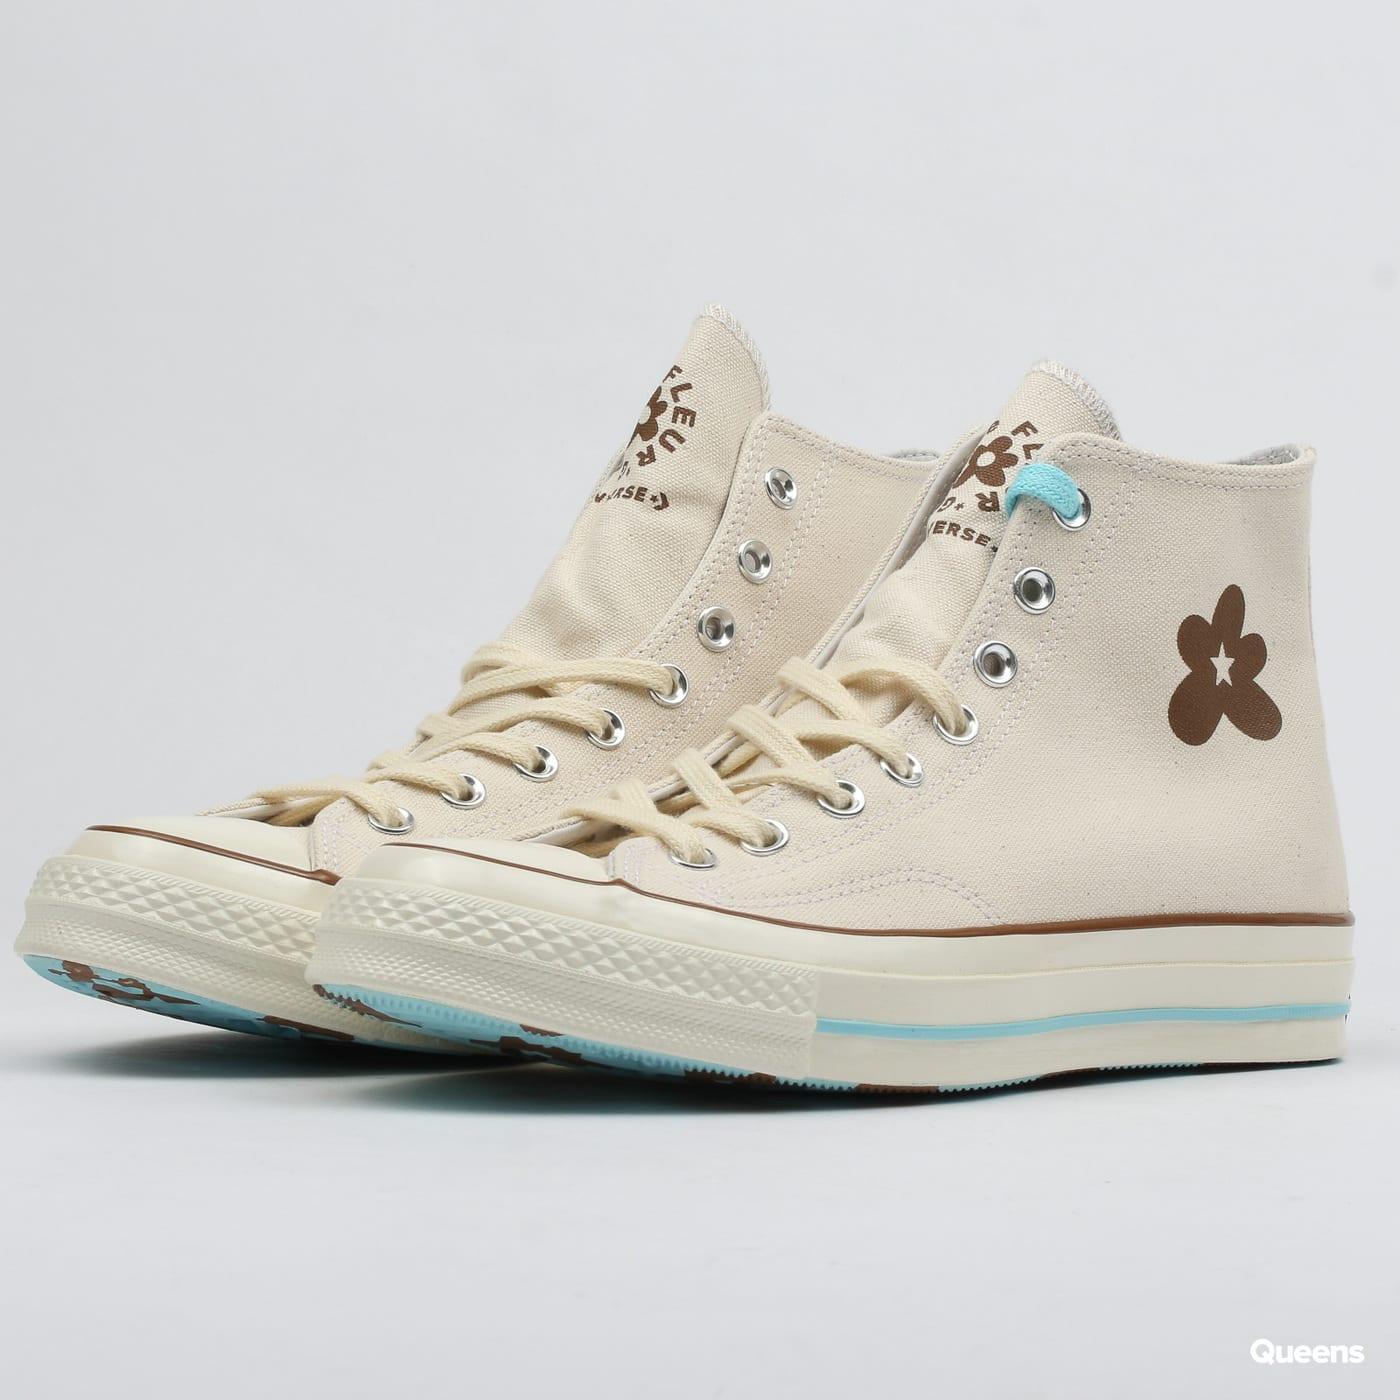 Sneakers Converse Golf Le Fleur Chuck 70 Hi C163170 Queens